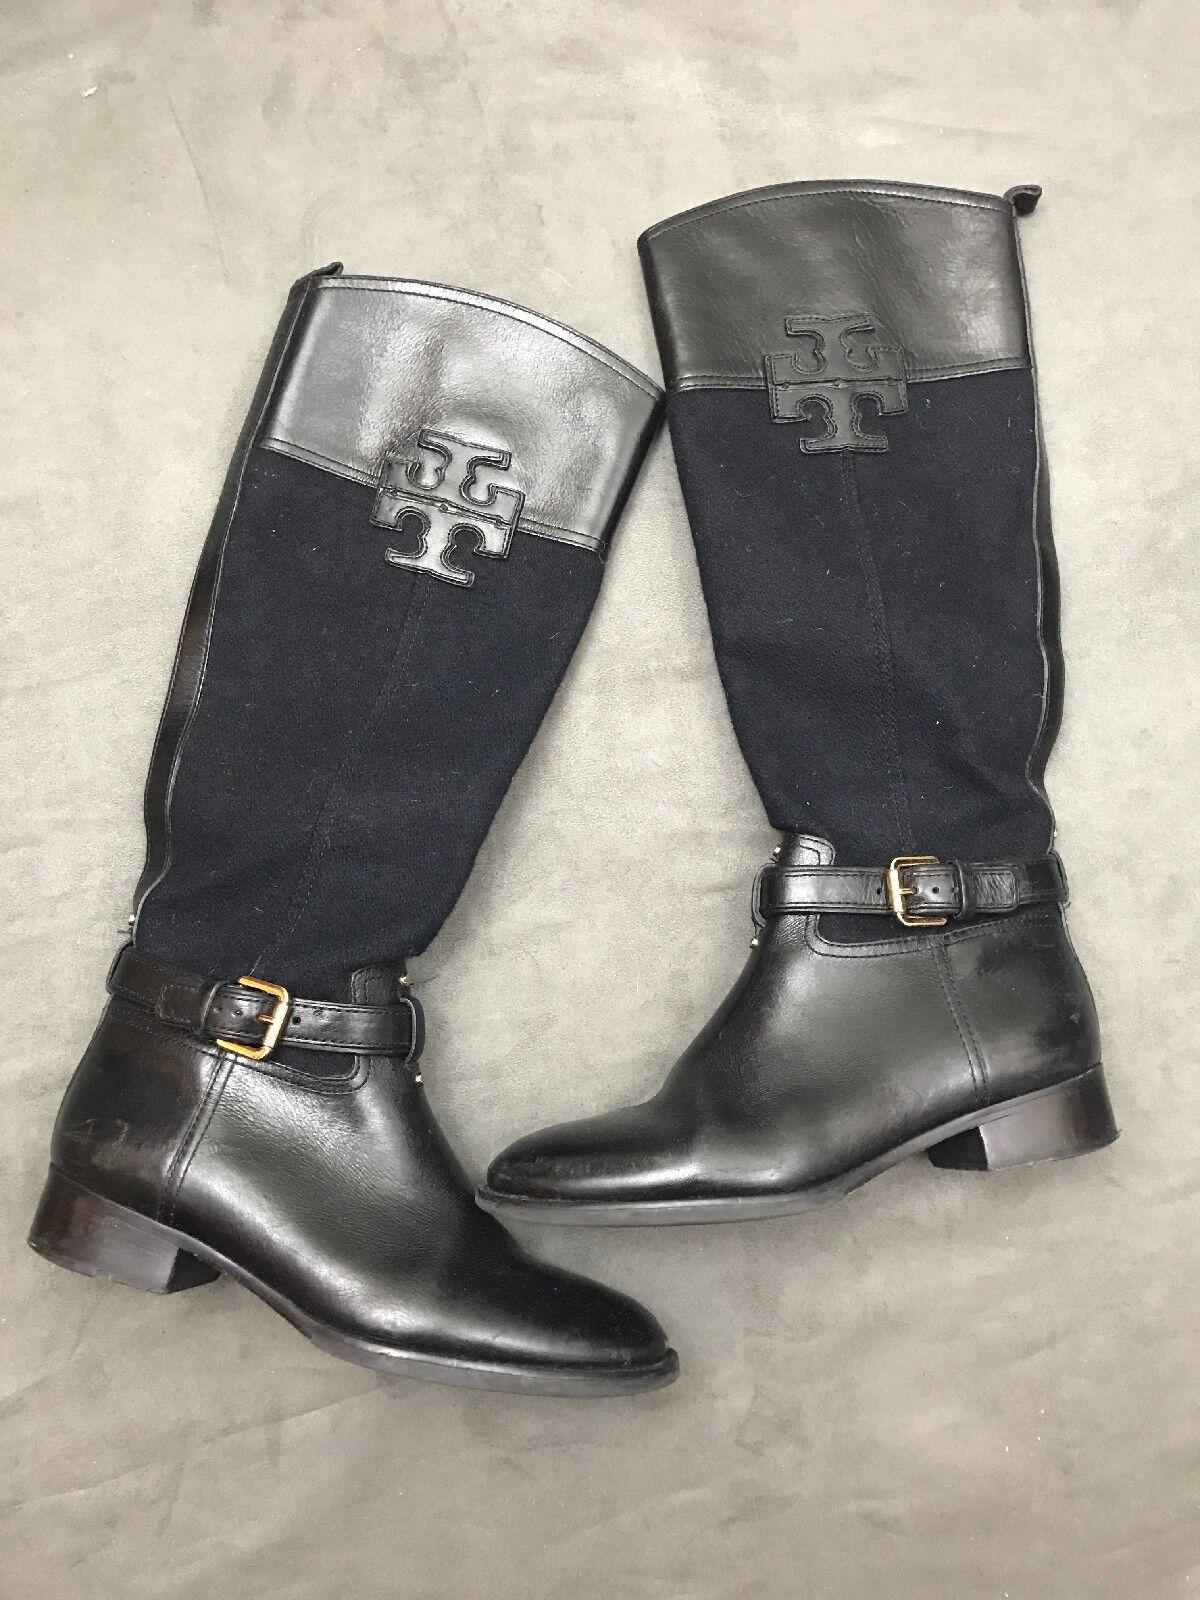 Tory Burch Blaire botas de Montar Franela y Negro de cuero con logotipo A